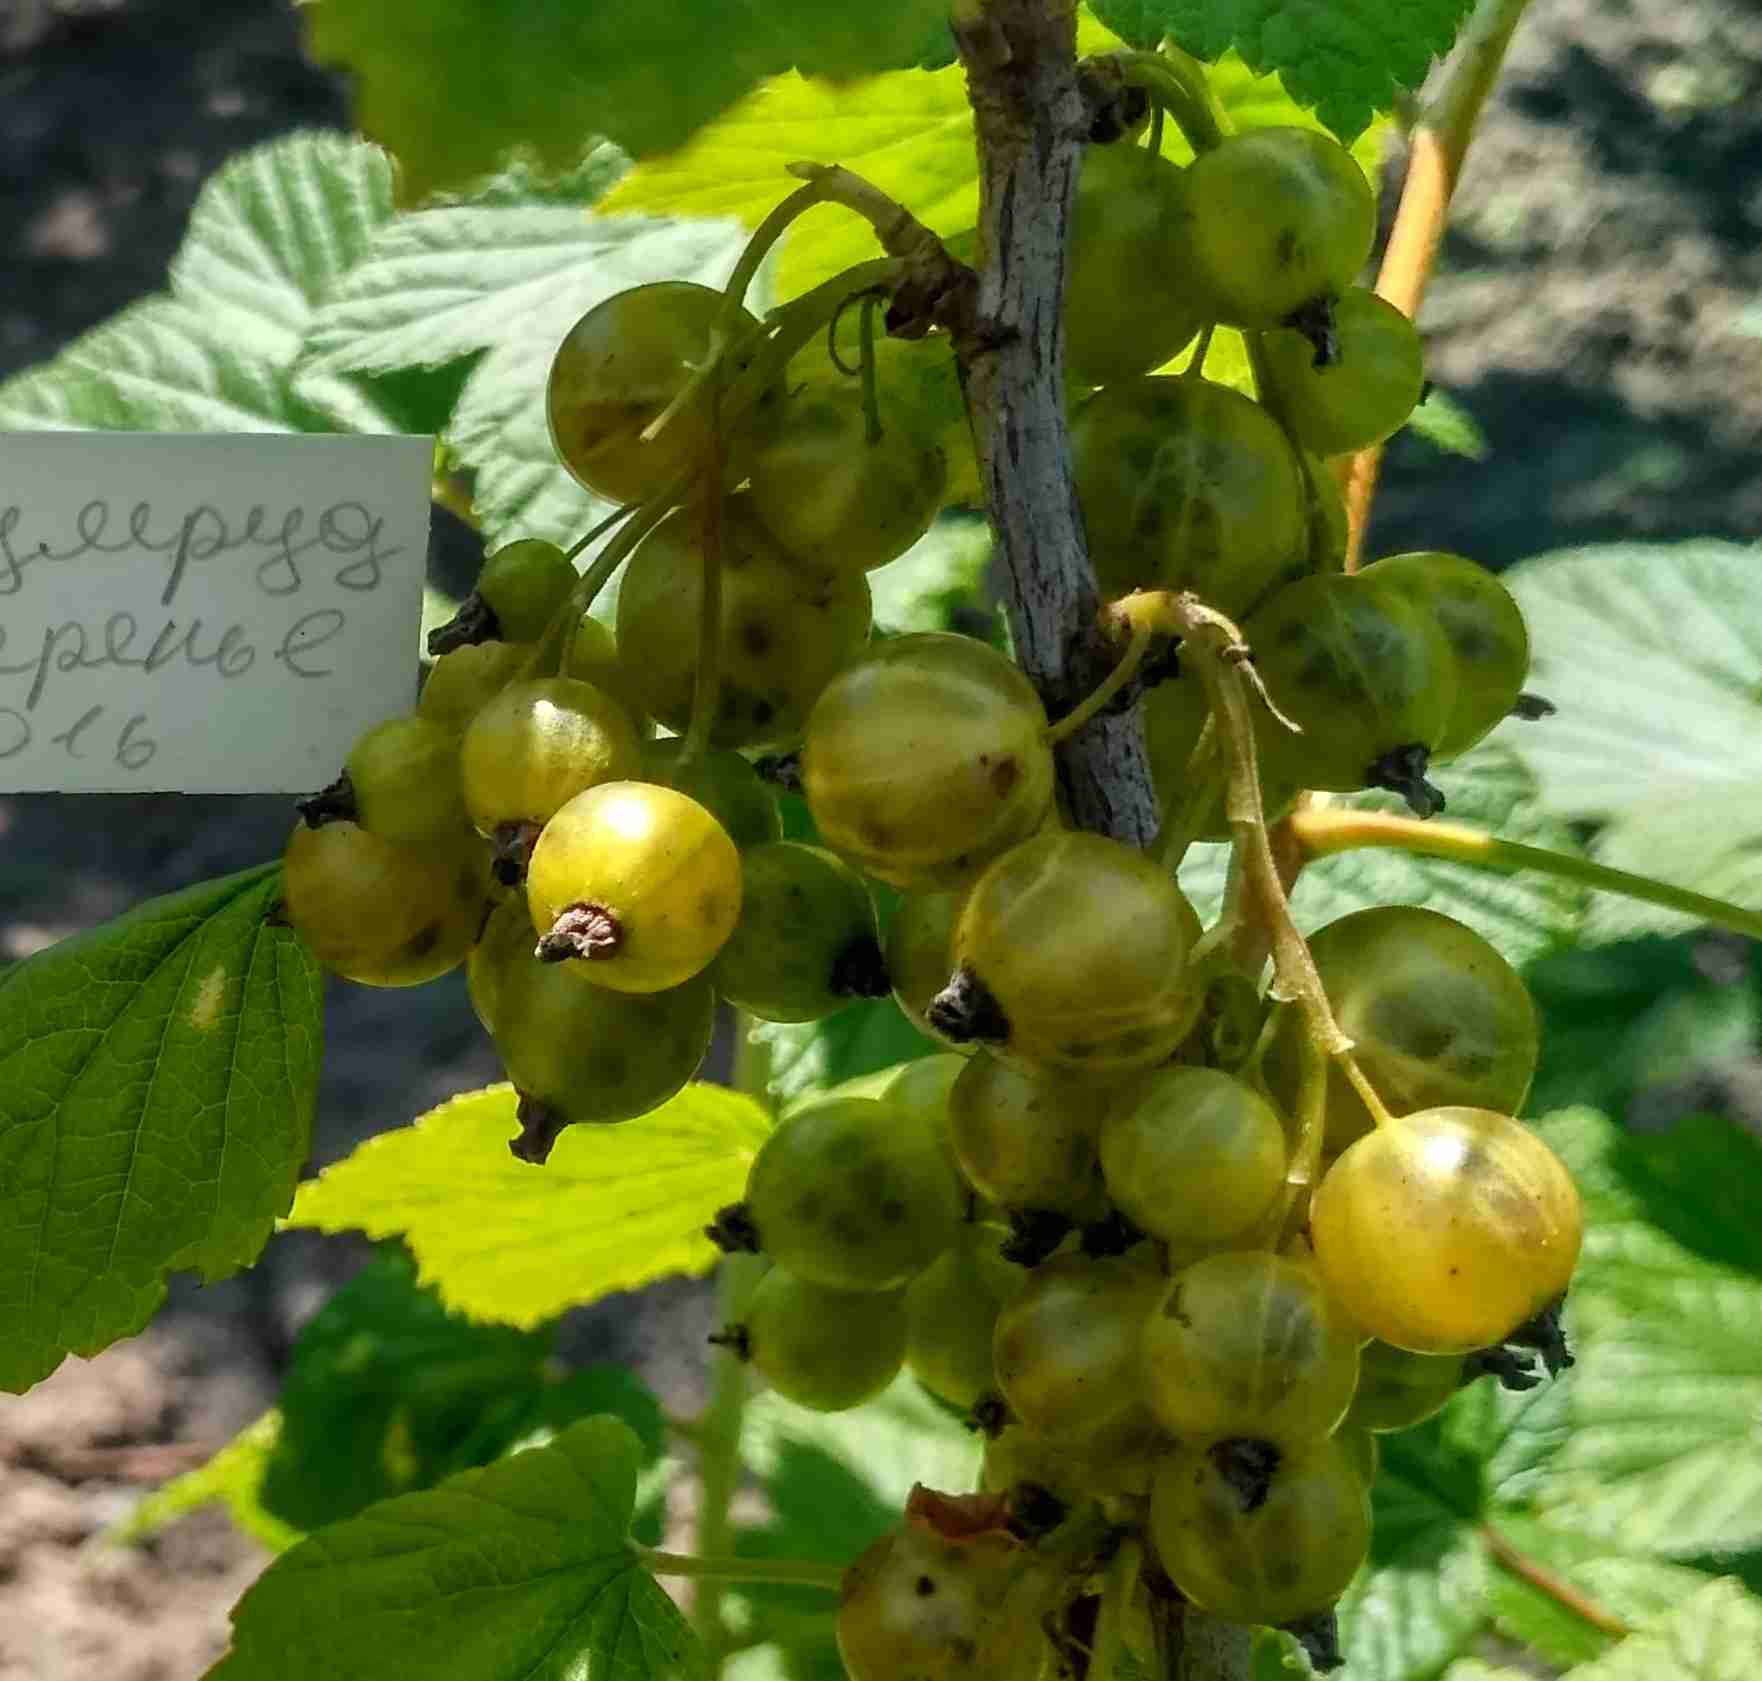 Смородина зеленая: описание сортов и характеристики, выращивание и уход с фото